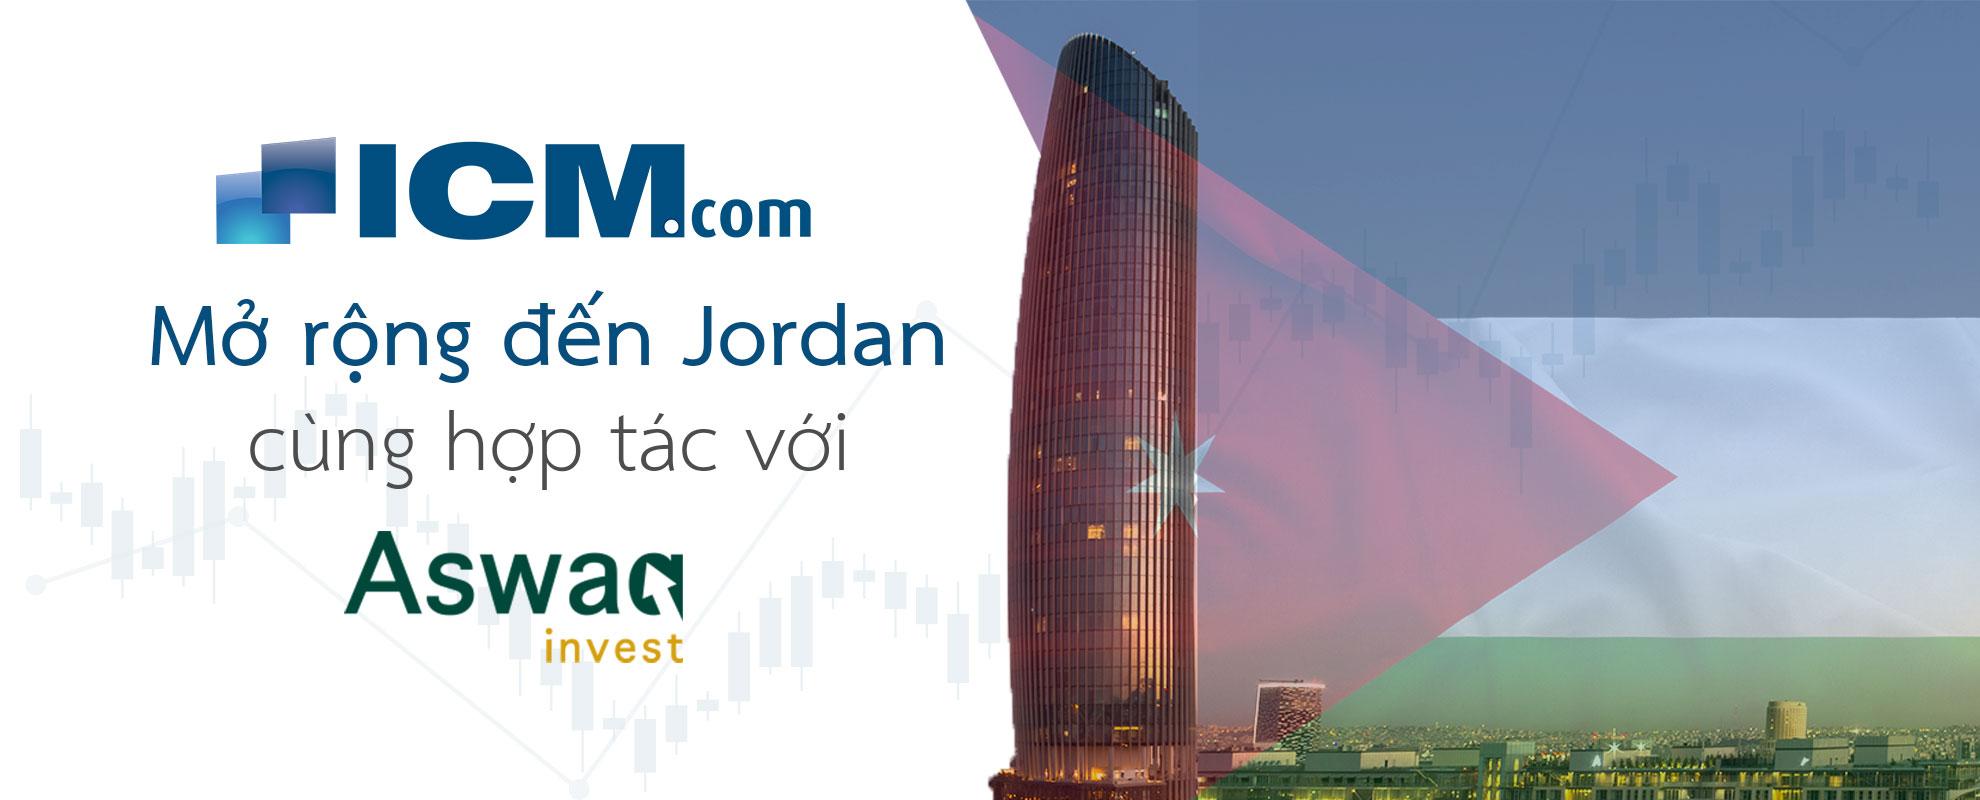 ICM.com tăng cường sự hiện diện ở Trung Đông với Quy định của Jordan